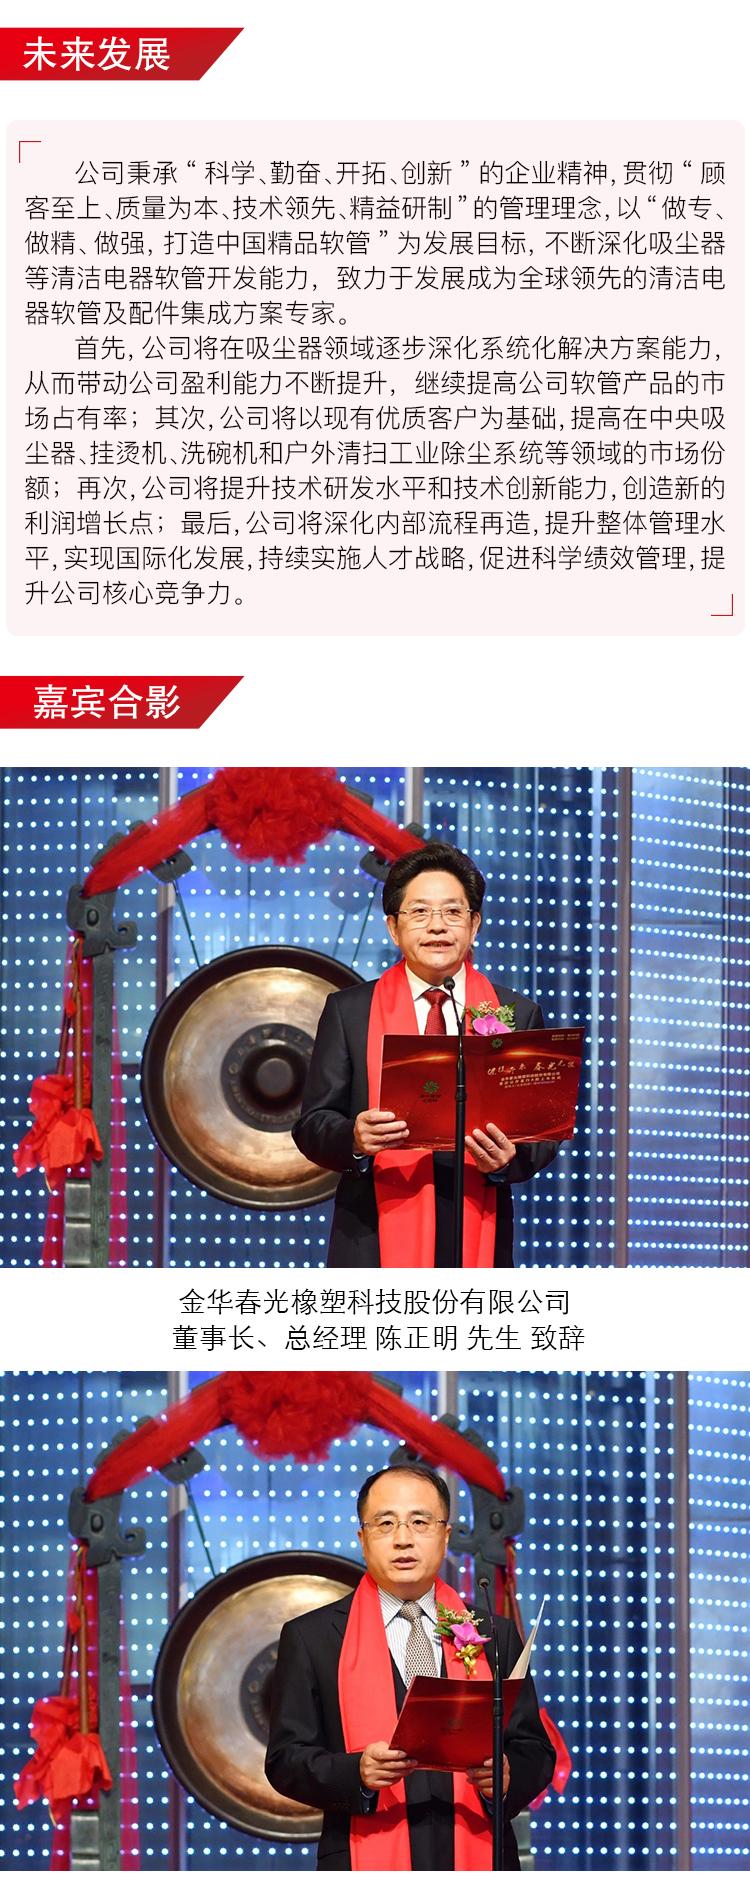 春光科技-上市海报_05.jpg